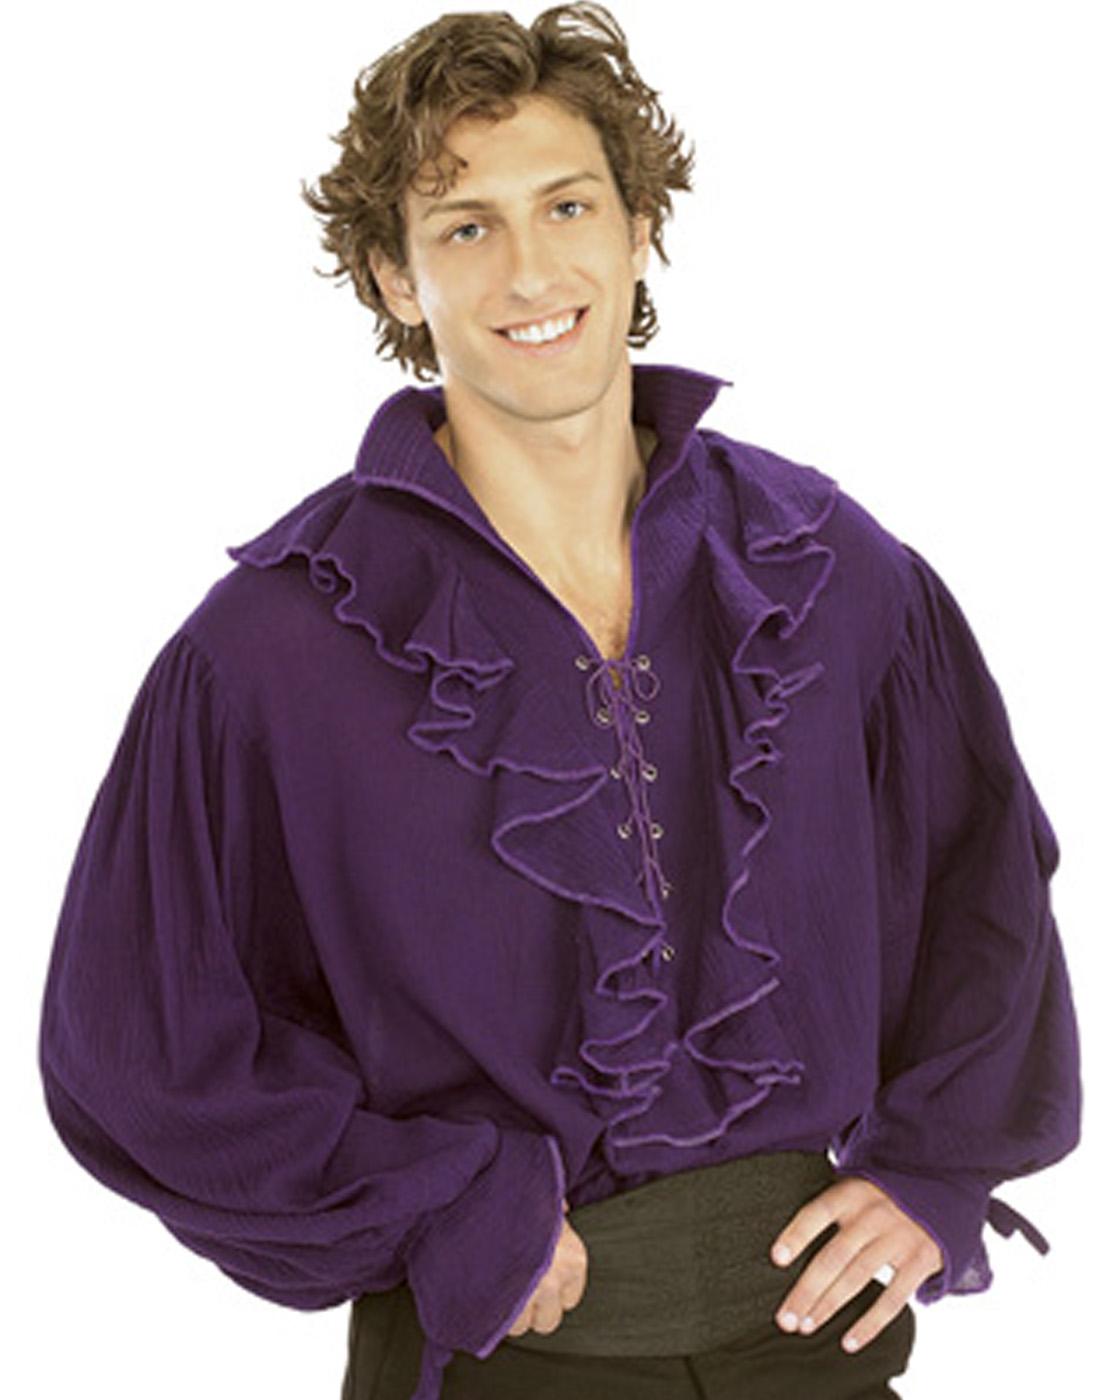 Pirate Puffy Shirt Vampire Ruffle Gauze Blouse Men